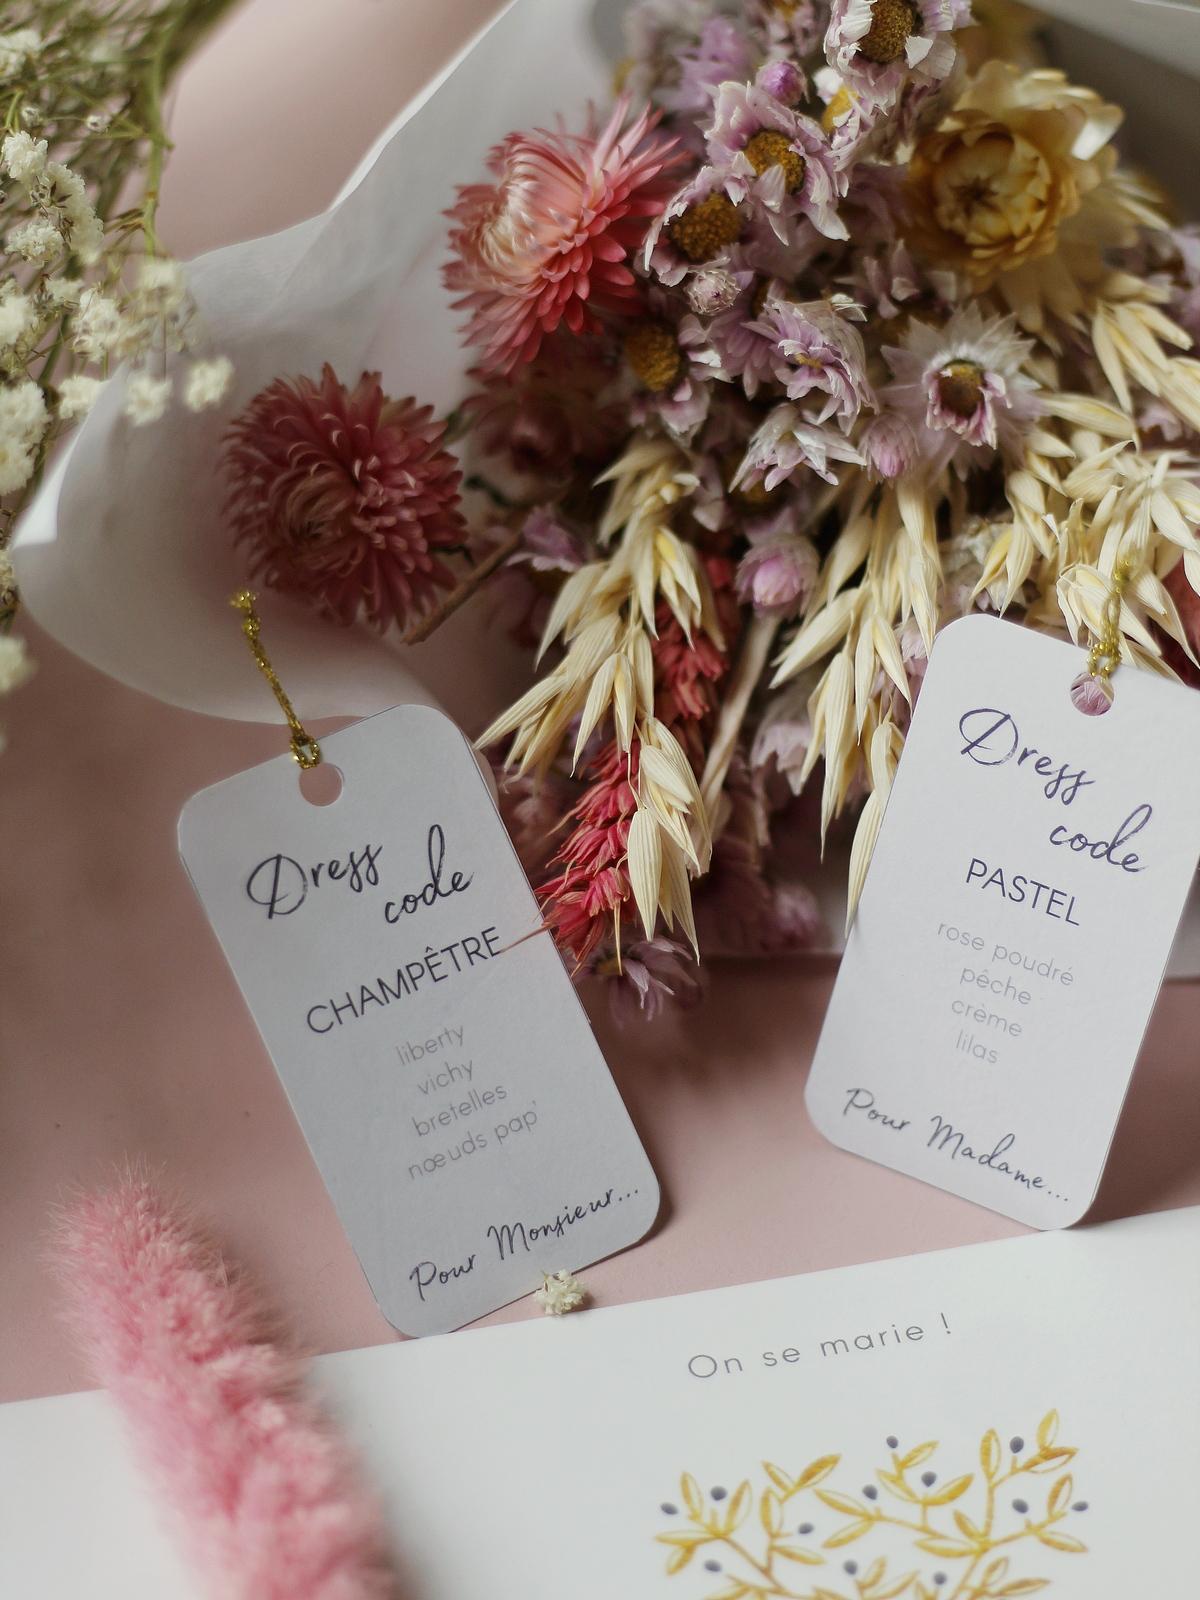 étiquettes mariage dress code champetre pastel pas cher - du style madame - chic - original - tendance